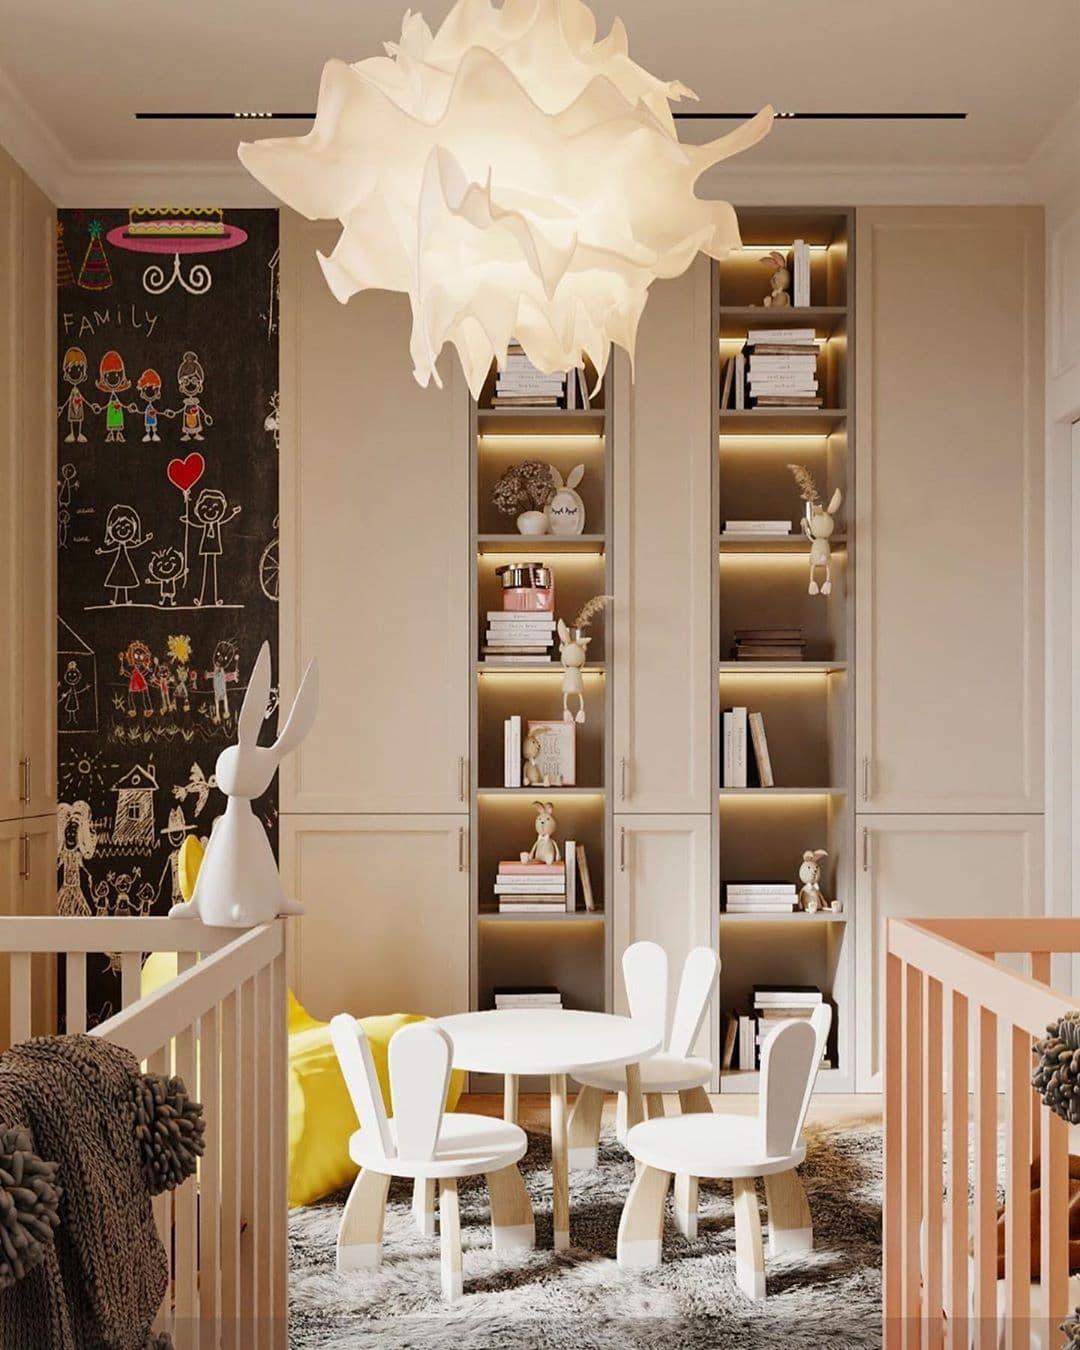 Дизайн-проект маленькой детской комнаты для девочек двойняшек 2